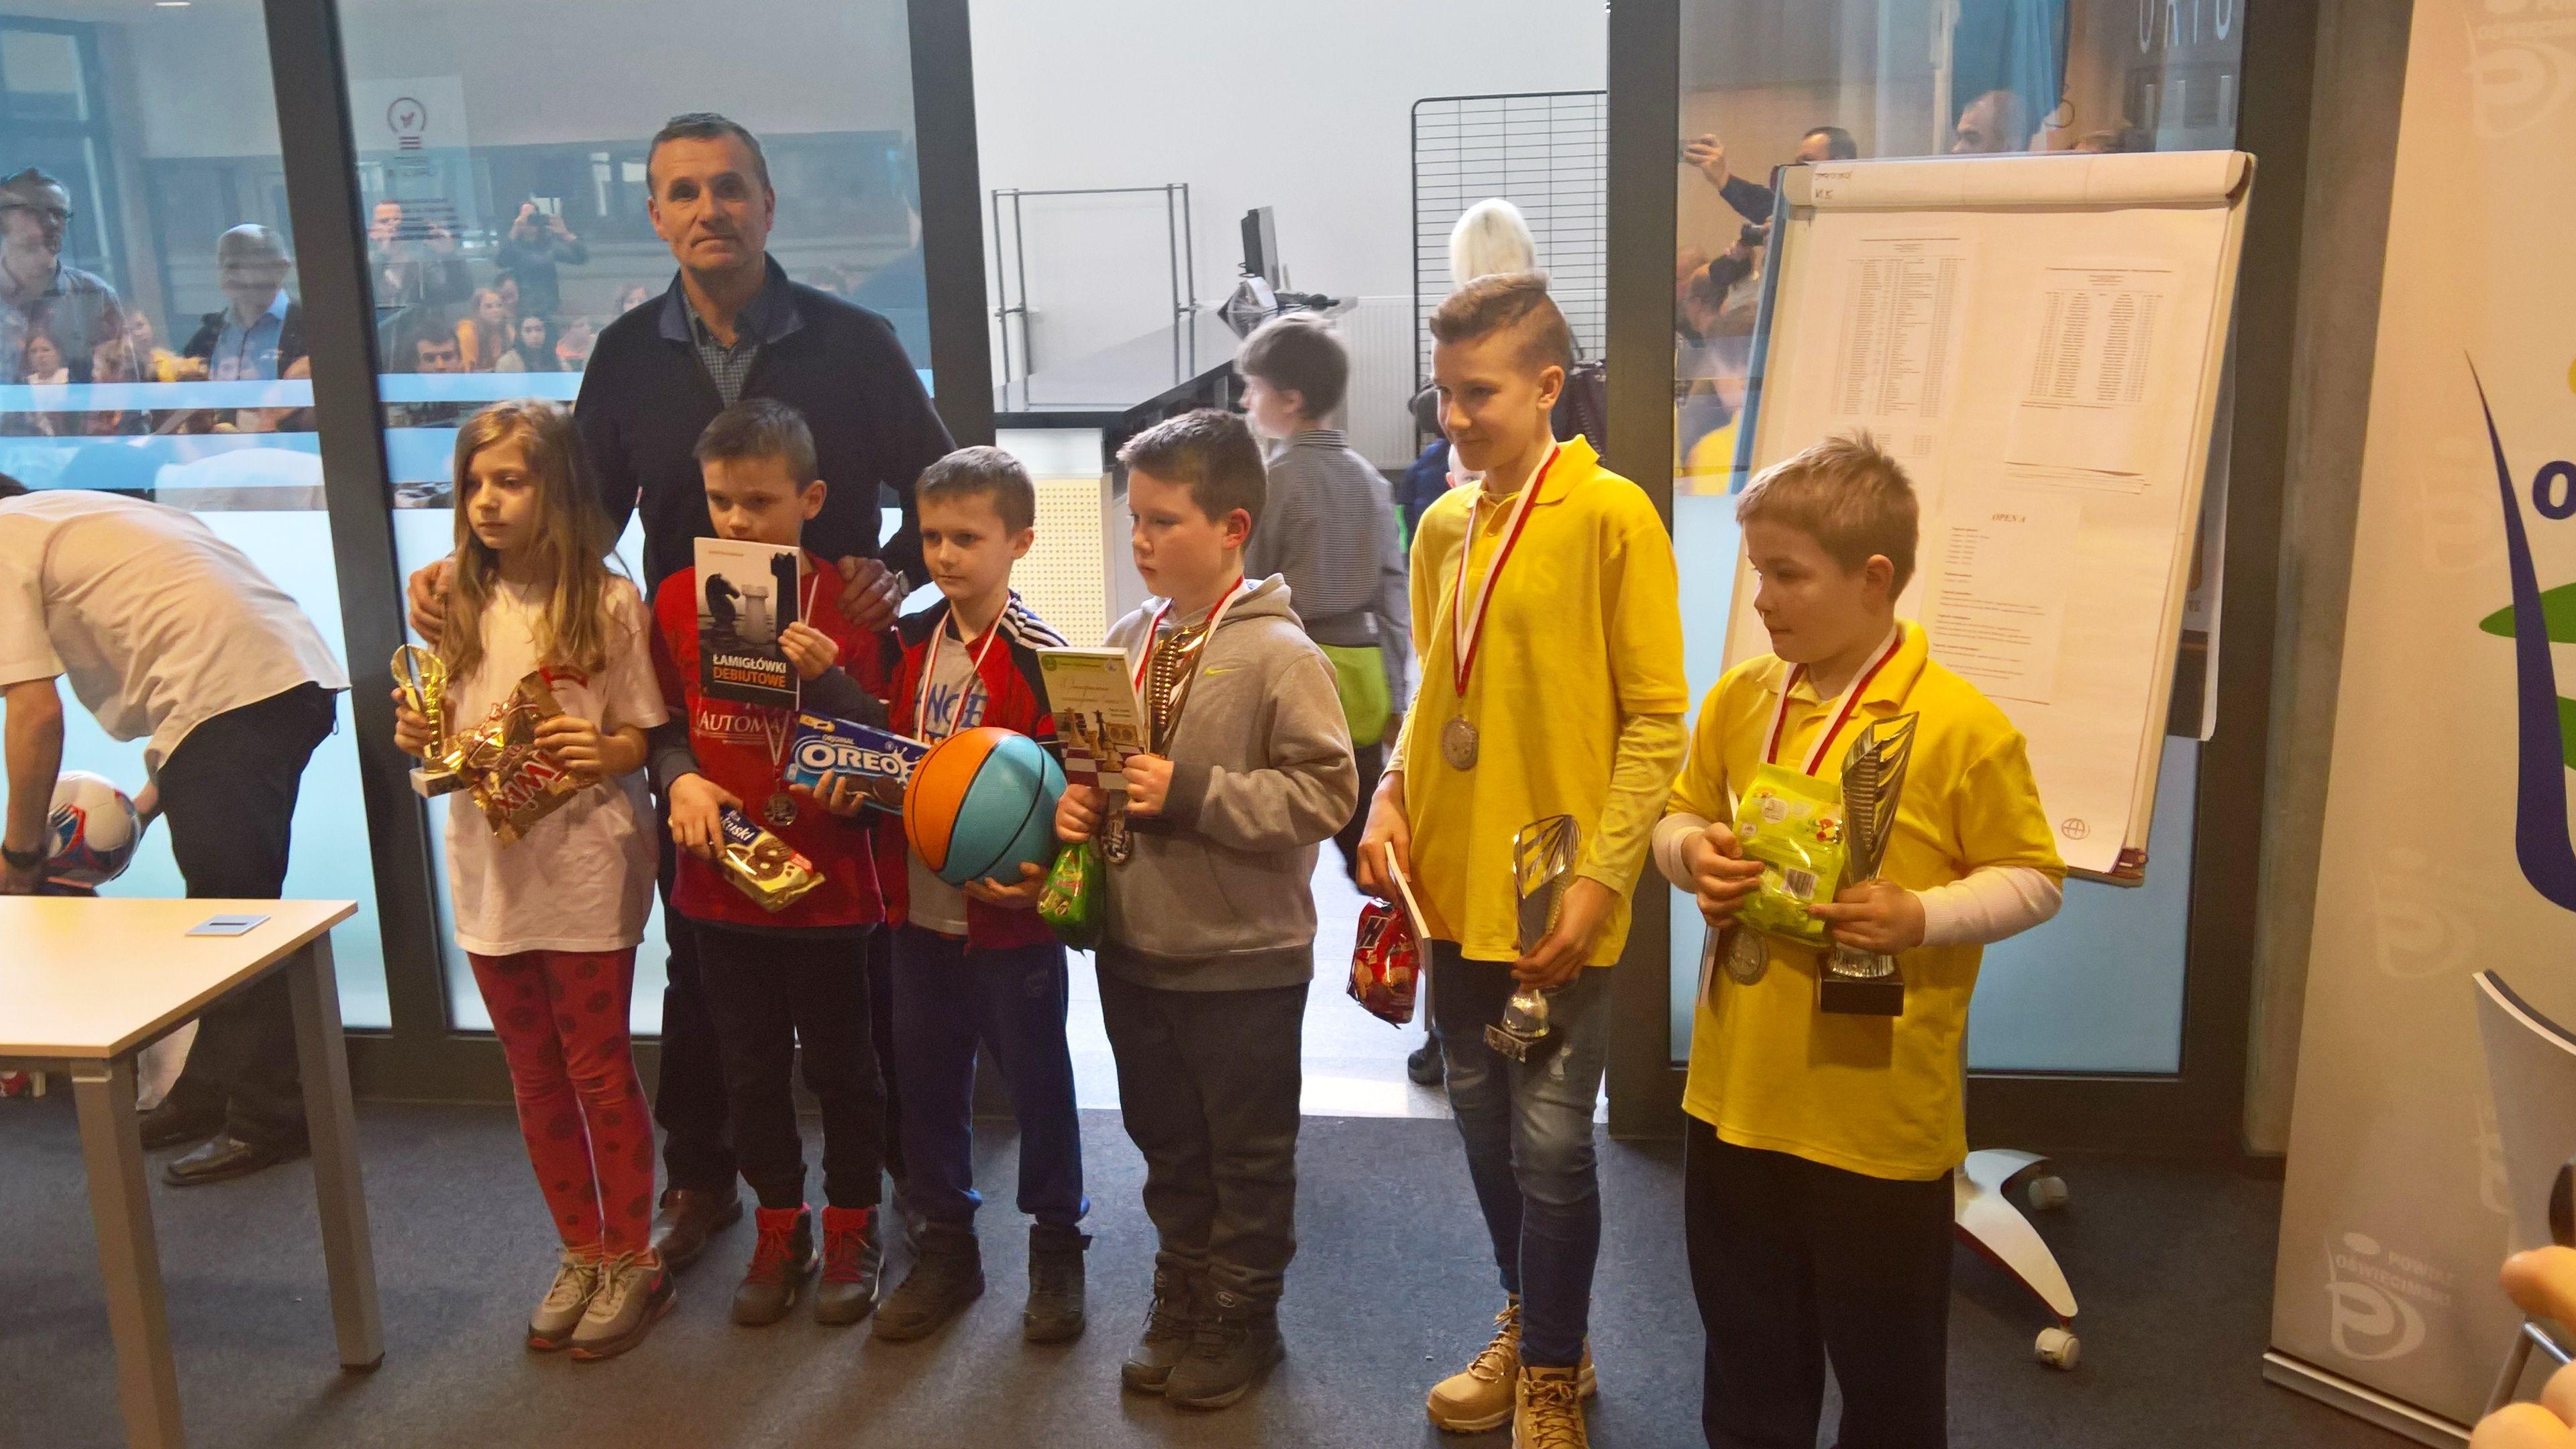 Po raz szósty w Oświęcimiu zorganizowano prestiżowe zawody szachowe. Fot. zbiory organizatora